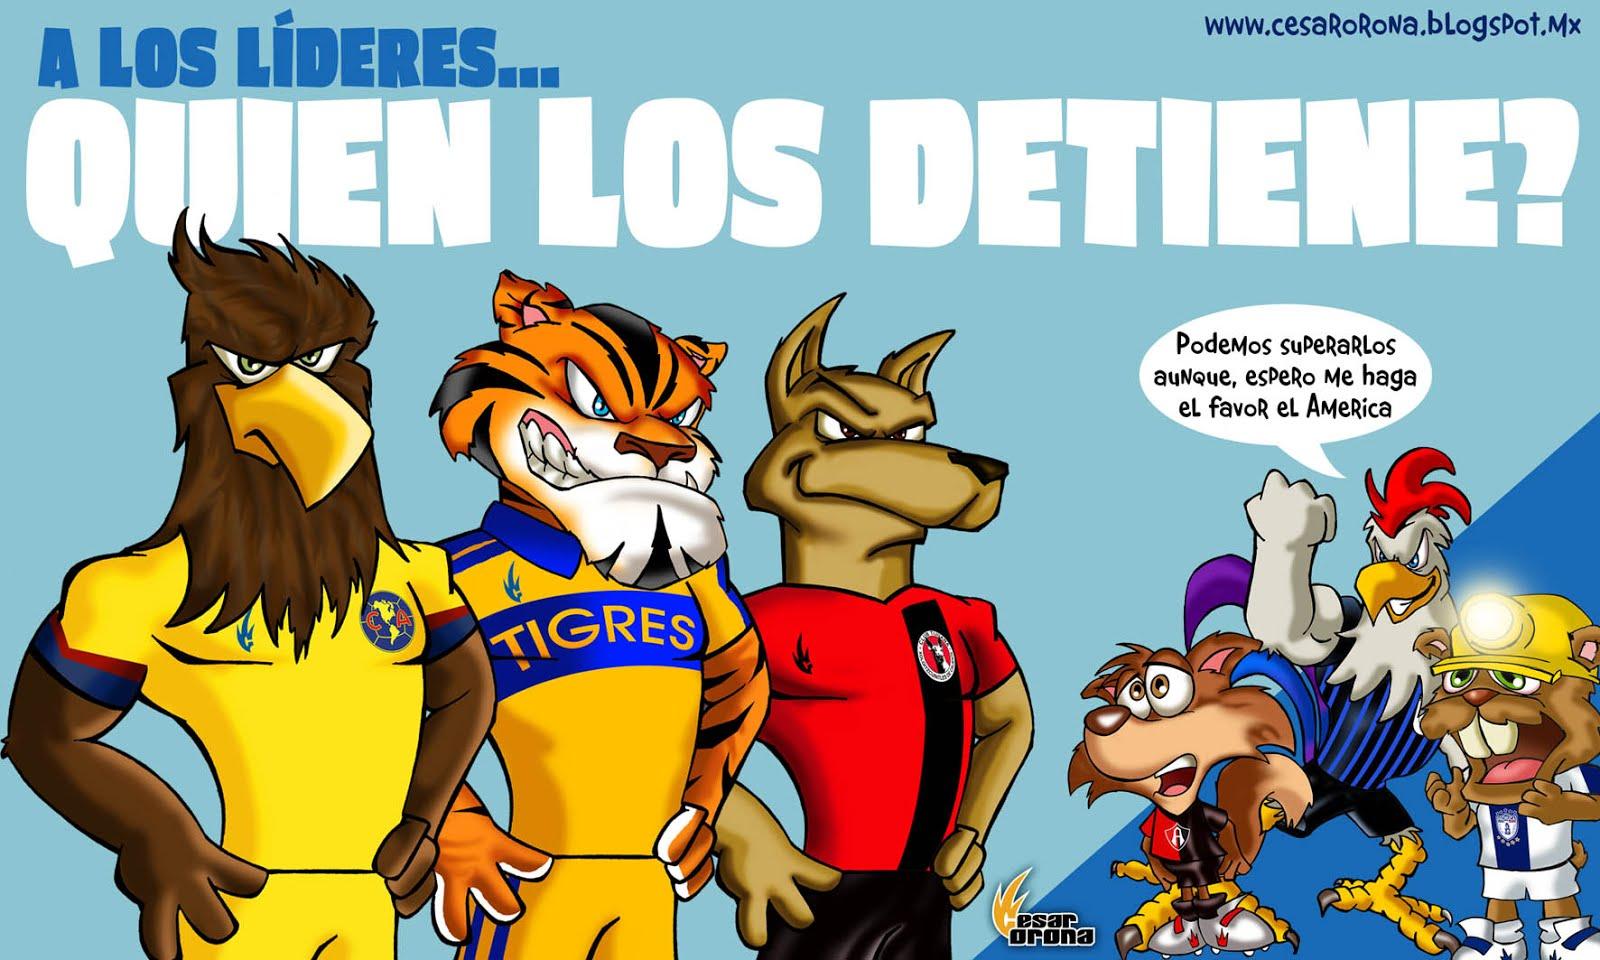 letras de himnos de equipos de futbol: